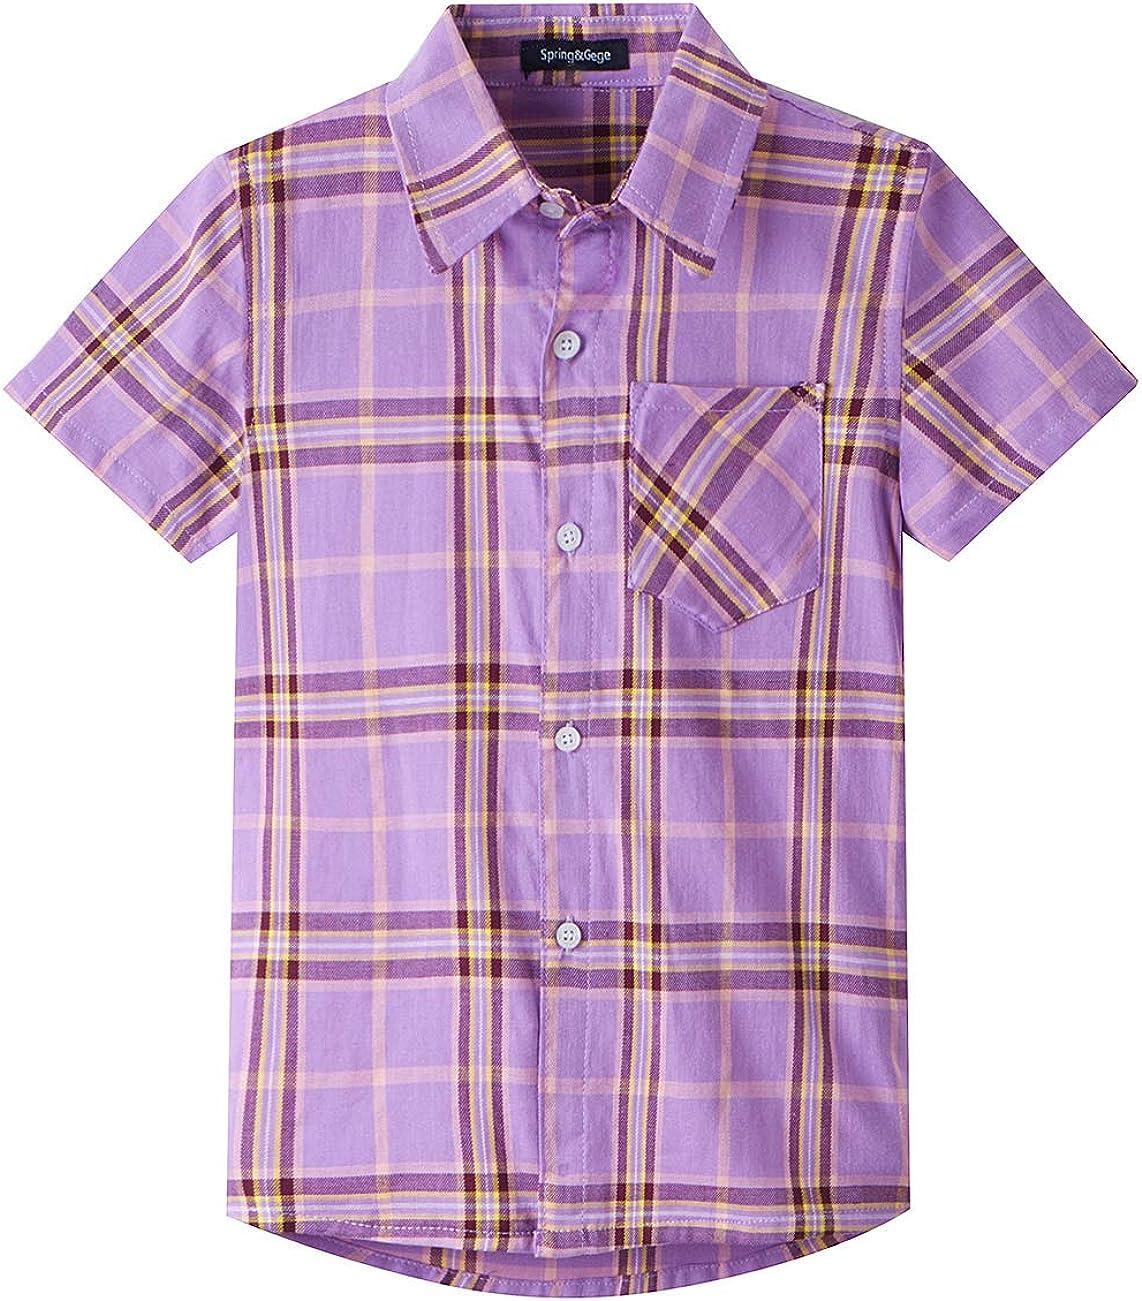 Spring&Gege Camisas de cuadros de manga corta para niños